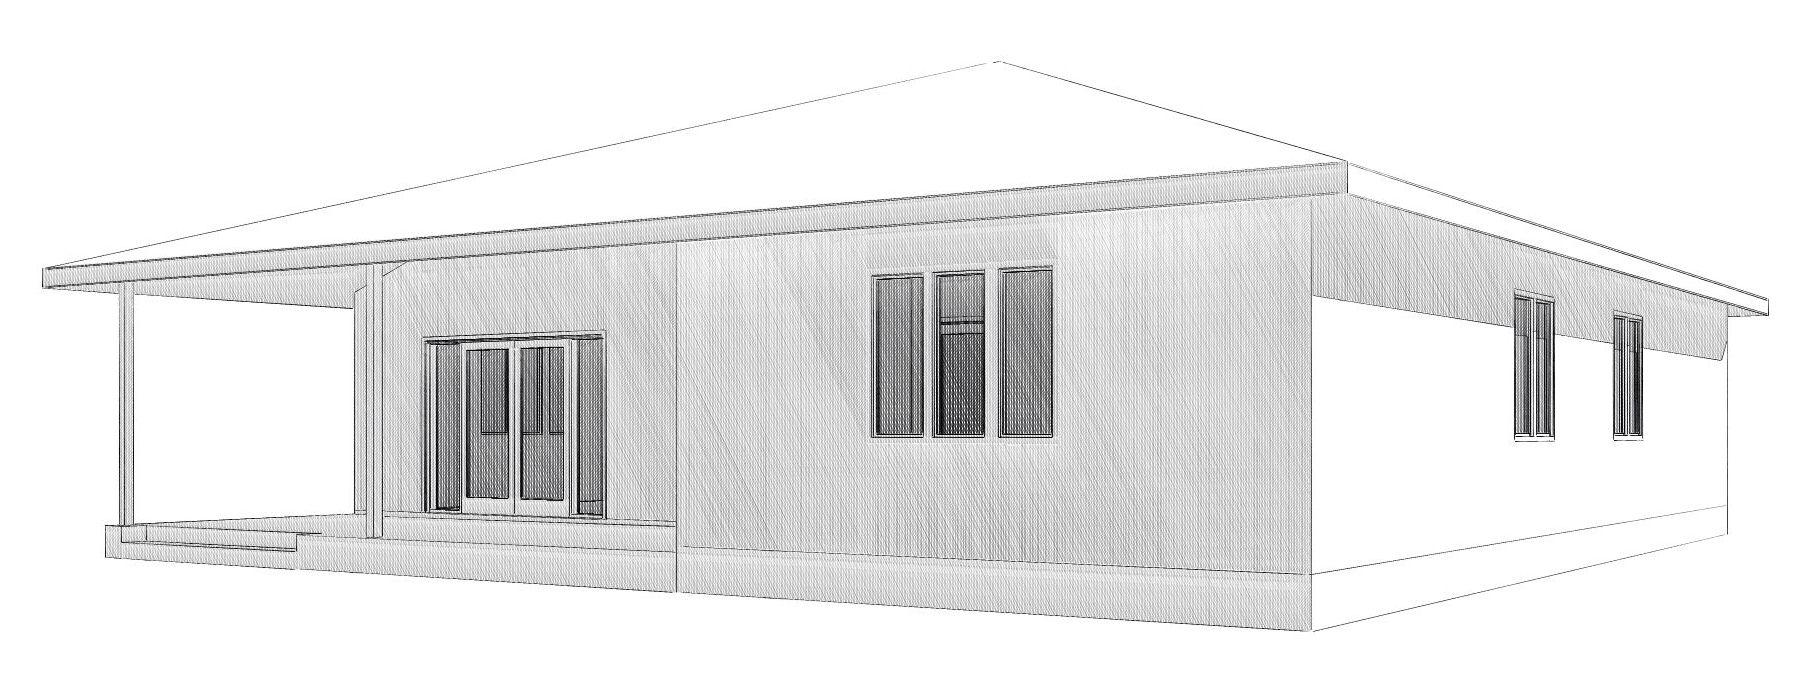 Визуализация задней части одноэтажного дома для всей семьи из СИП-панелей по Канадской технологии, 150 м2